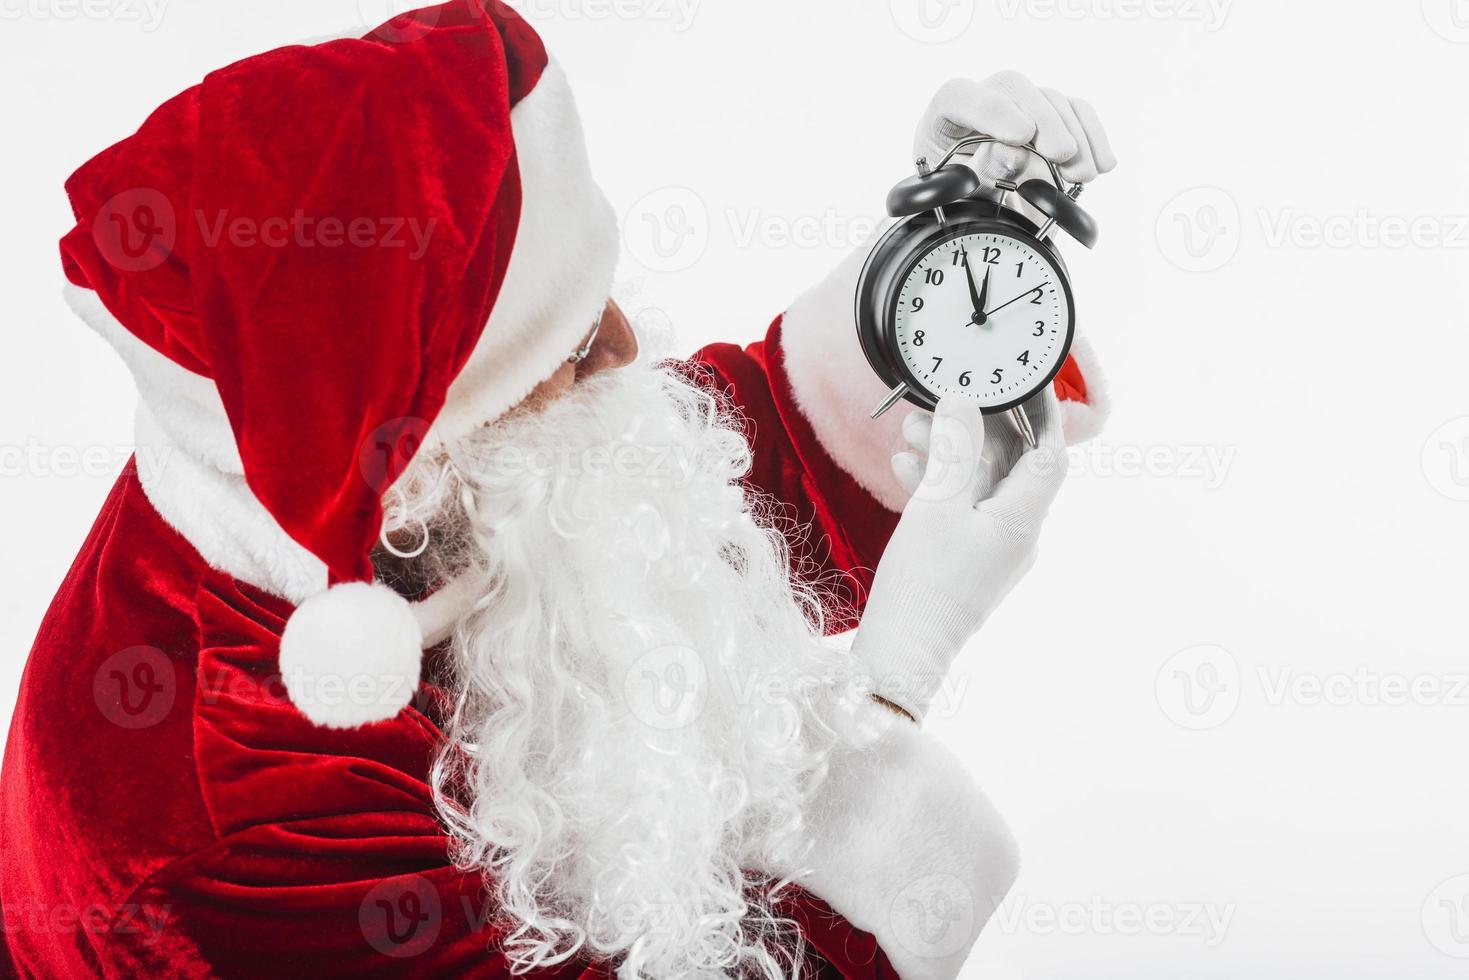 jultomten tittar på klockan i händerna foto